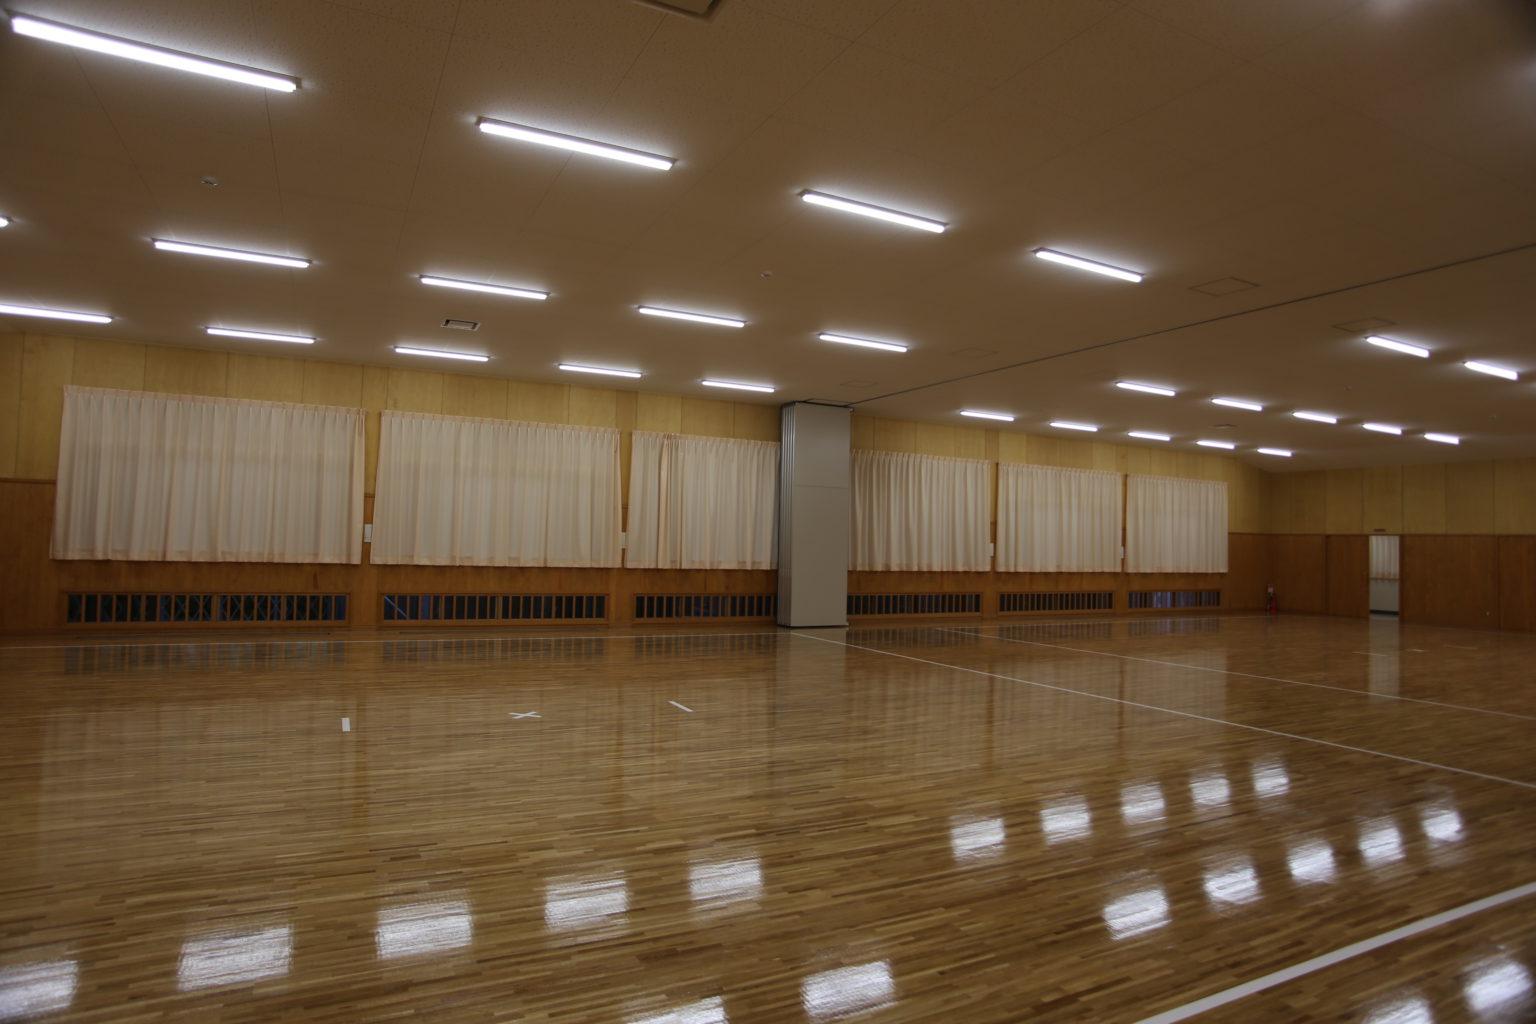 武道場:中央を壁で仕切ることができる構造になっています。